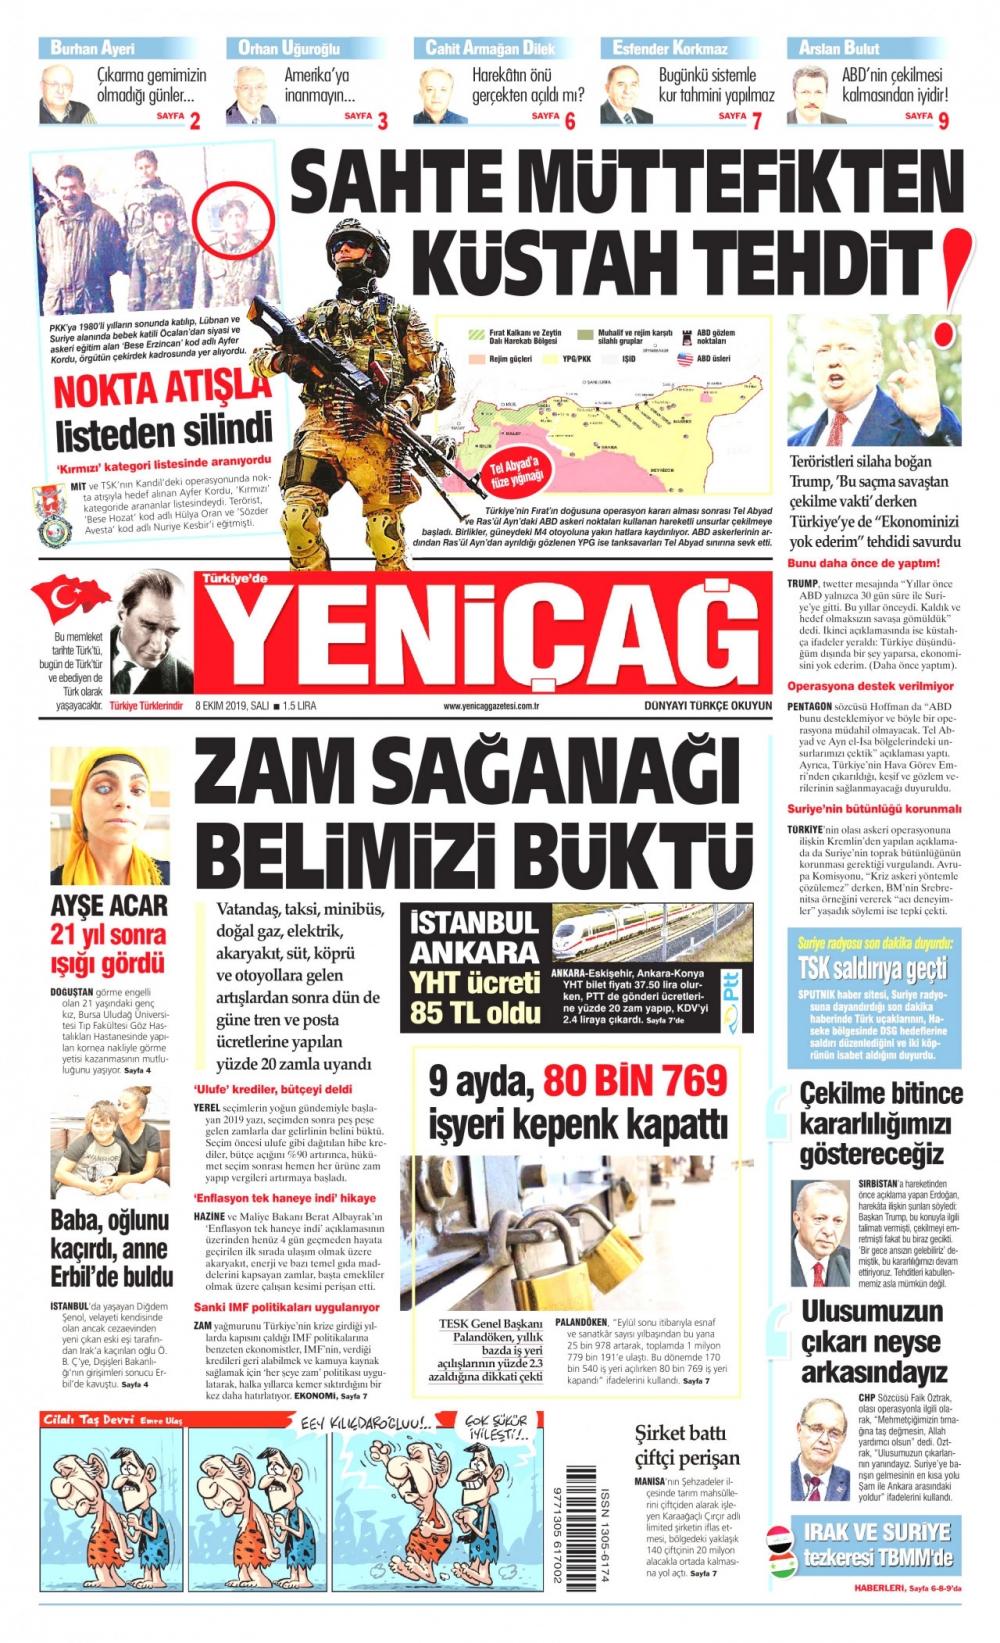 Gazeteler bugün ne yazdı? (08 Ekim 2019) 1